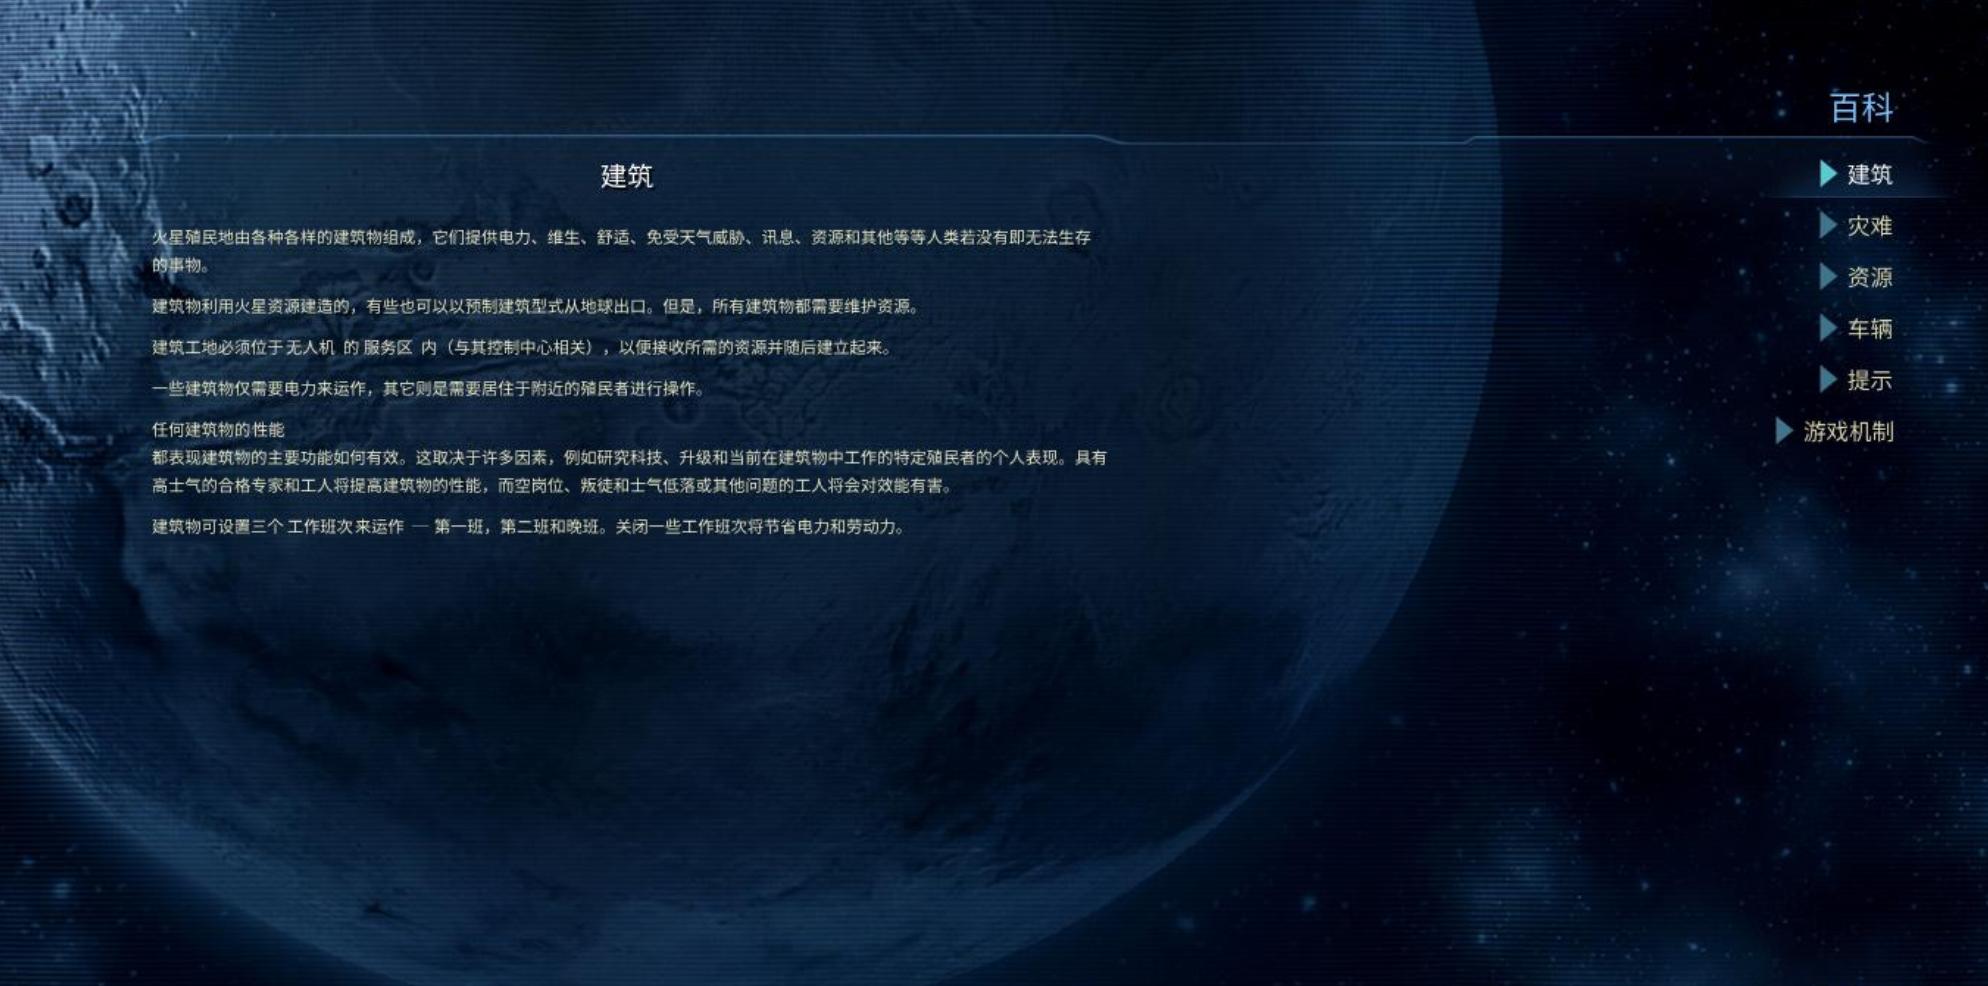 《火星求生》免安装中文汉化版 | 吾爱萌 - ACG动漫资源分享站 acgupup.com